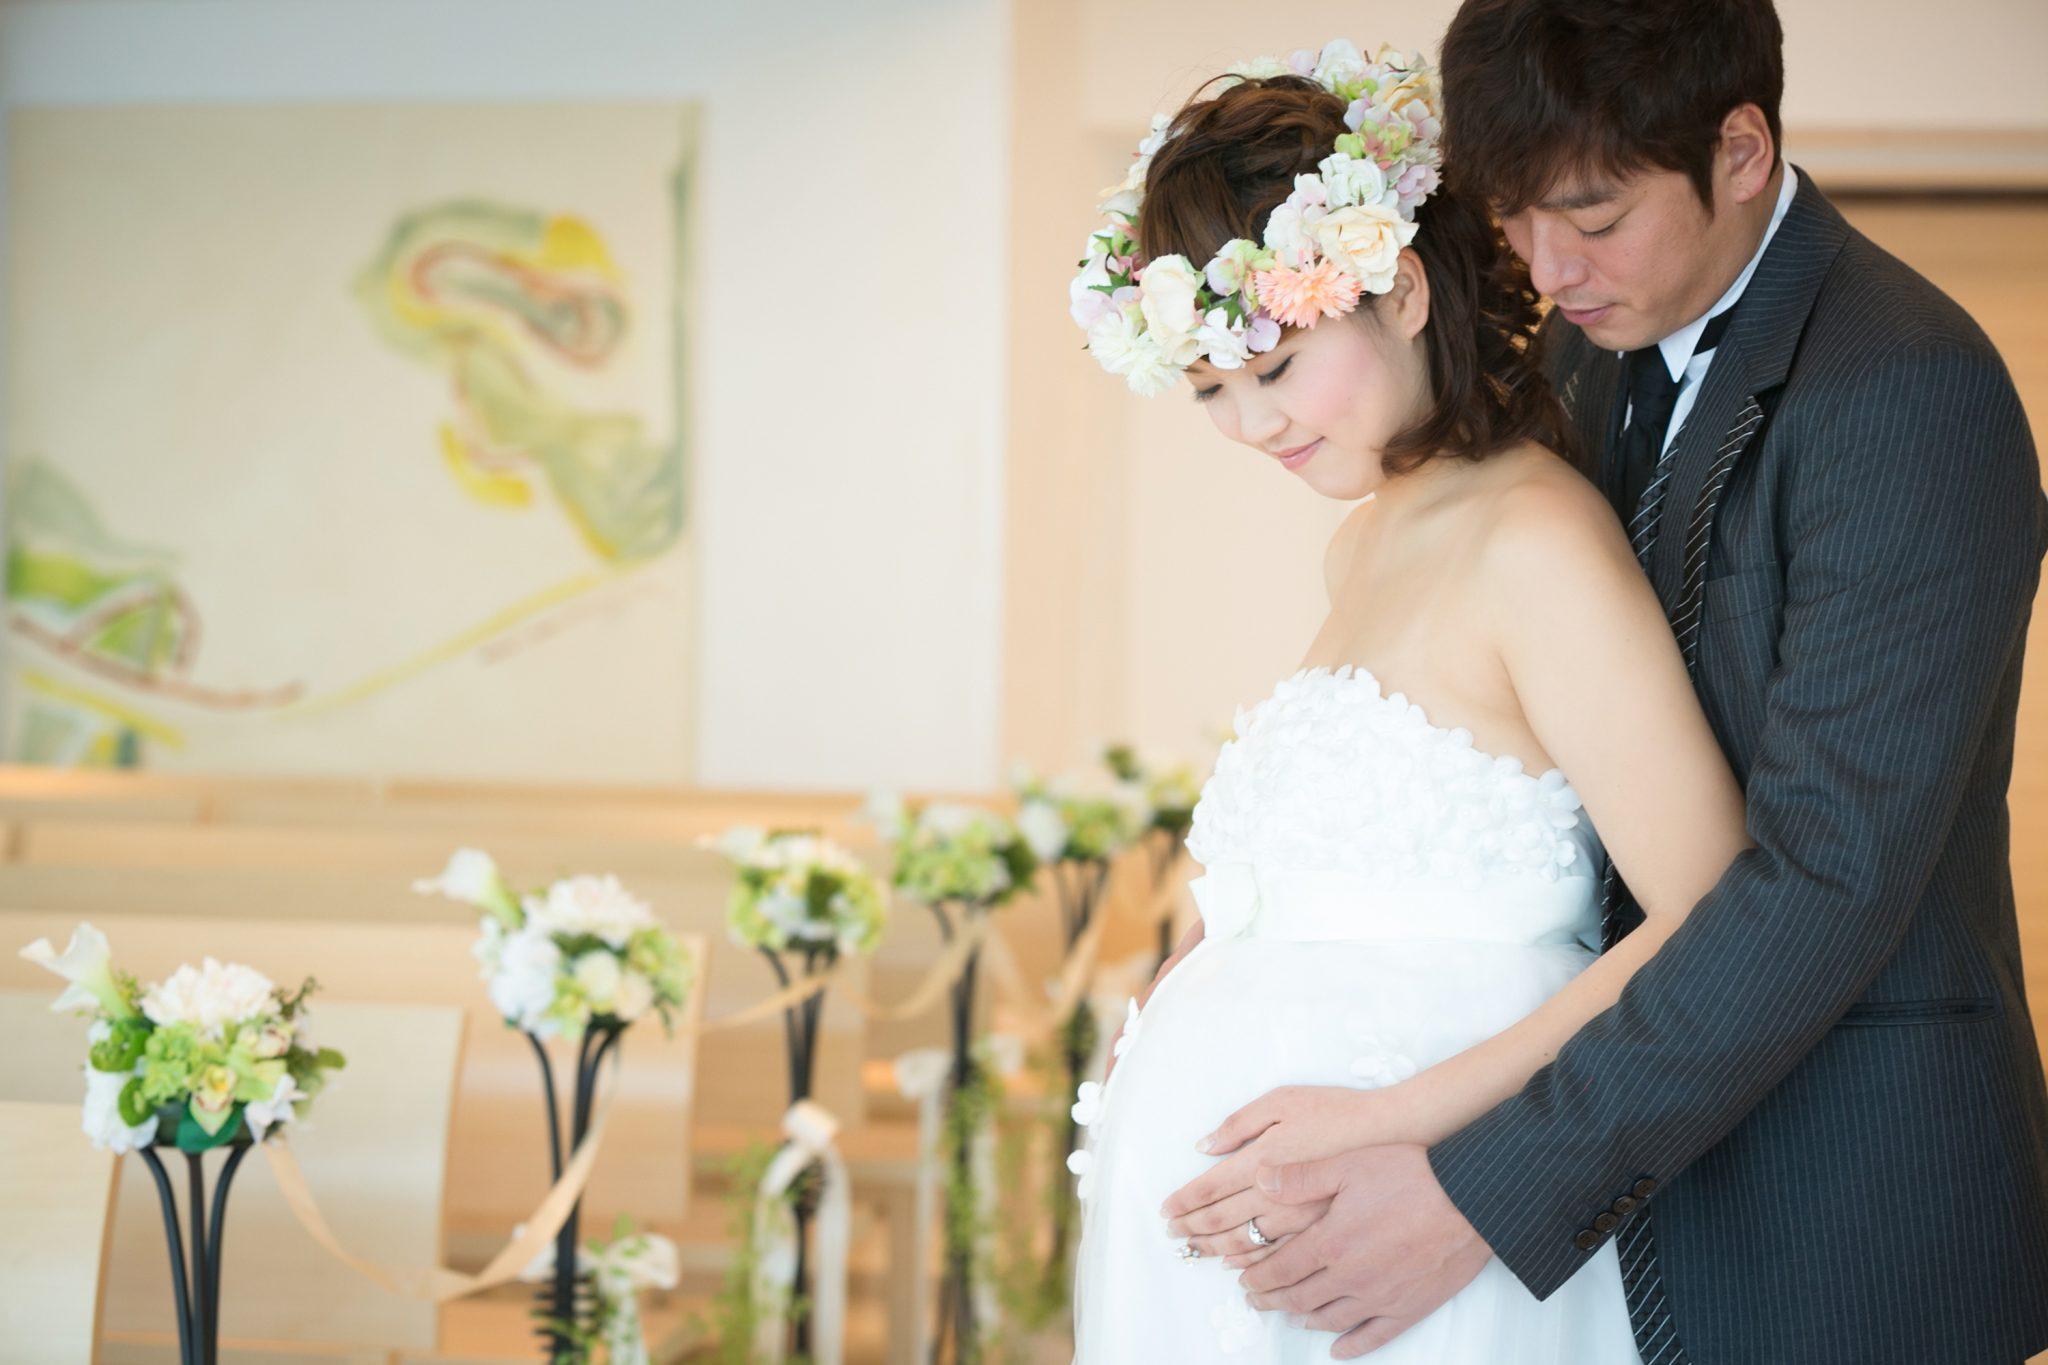 マタニティ ウェディング 結婚